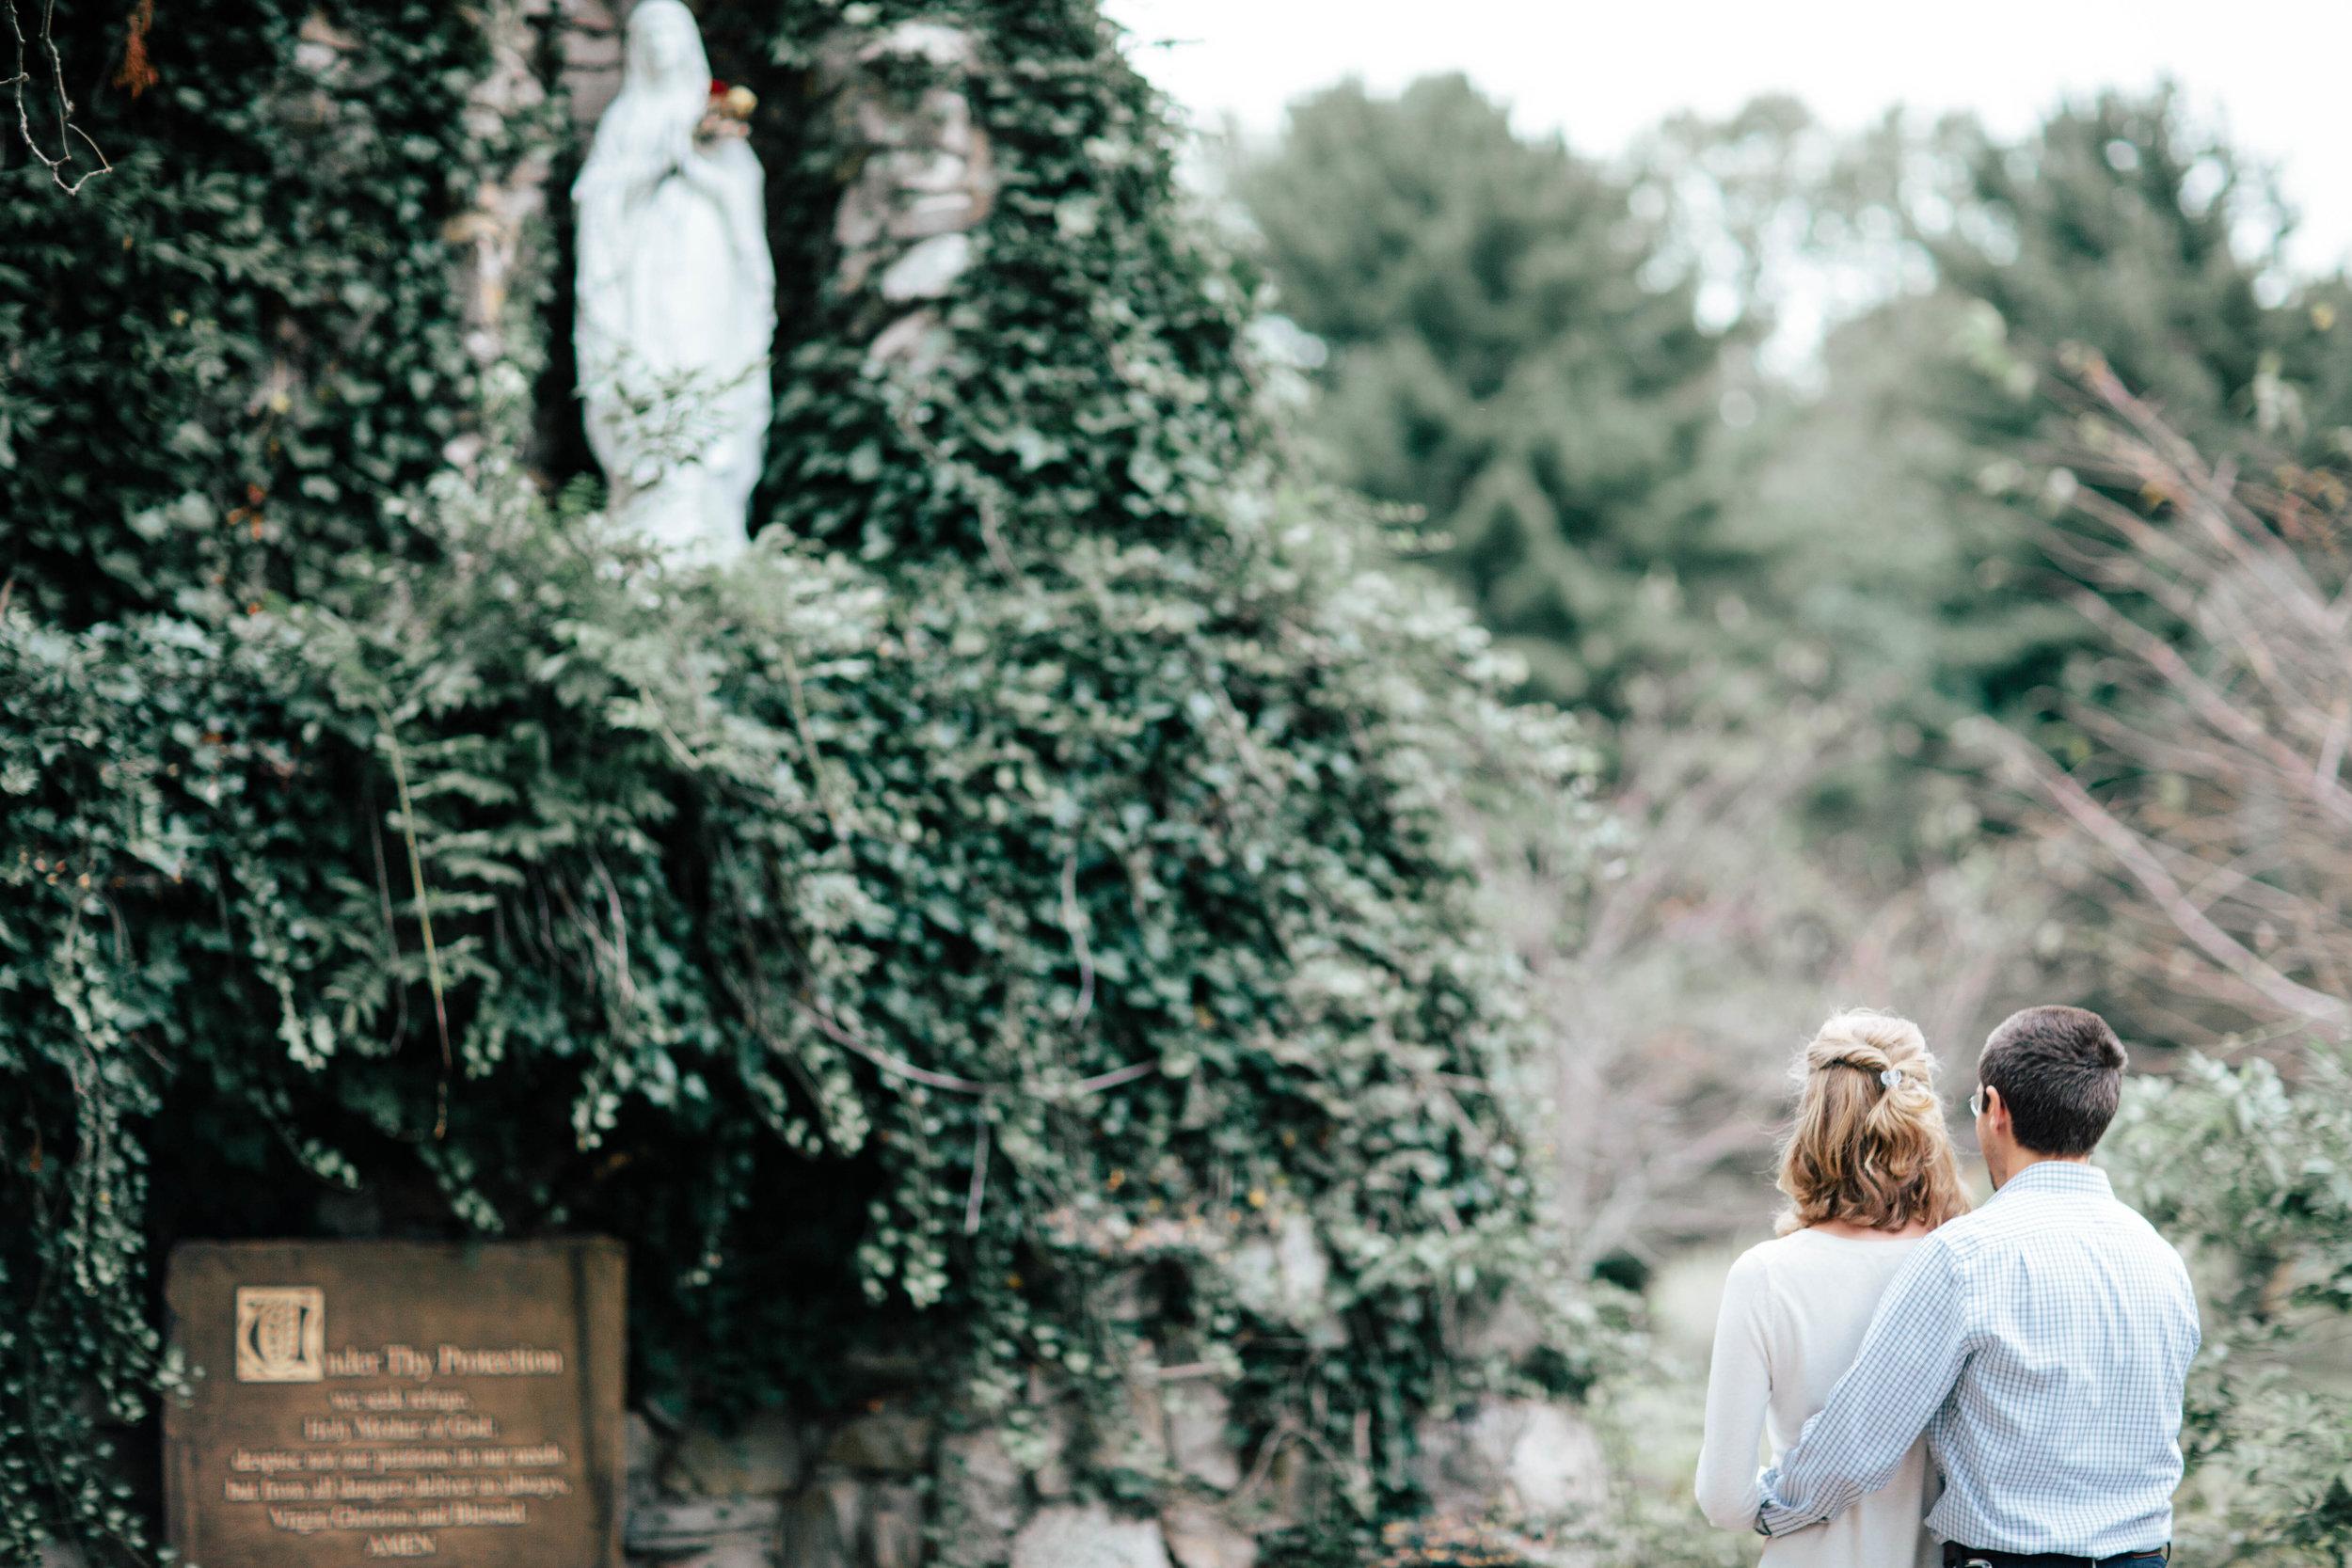 摄影师:迈克尔:艾伦,在婚礼上,我们在说什么,他们在教堂里,以及婚礼上的东西